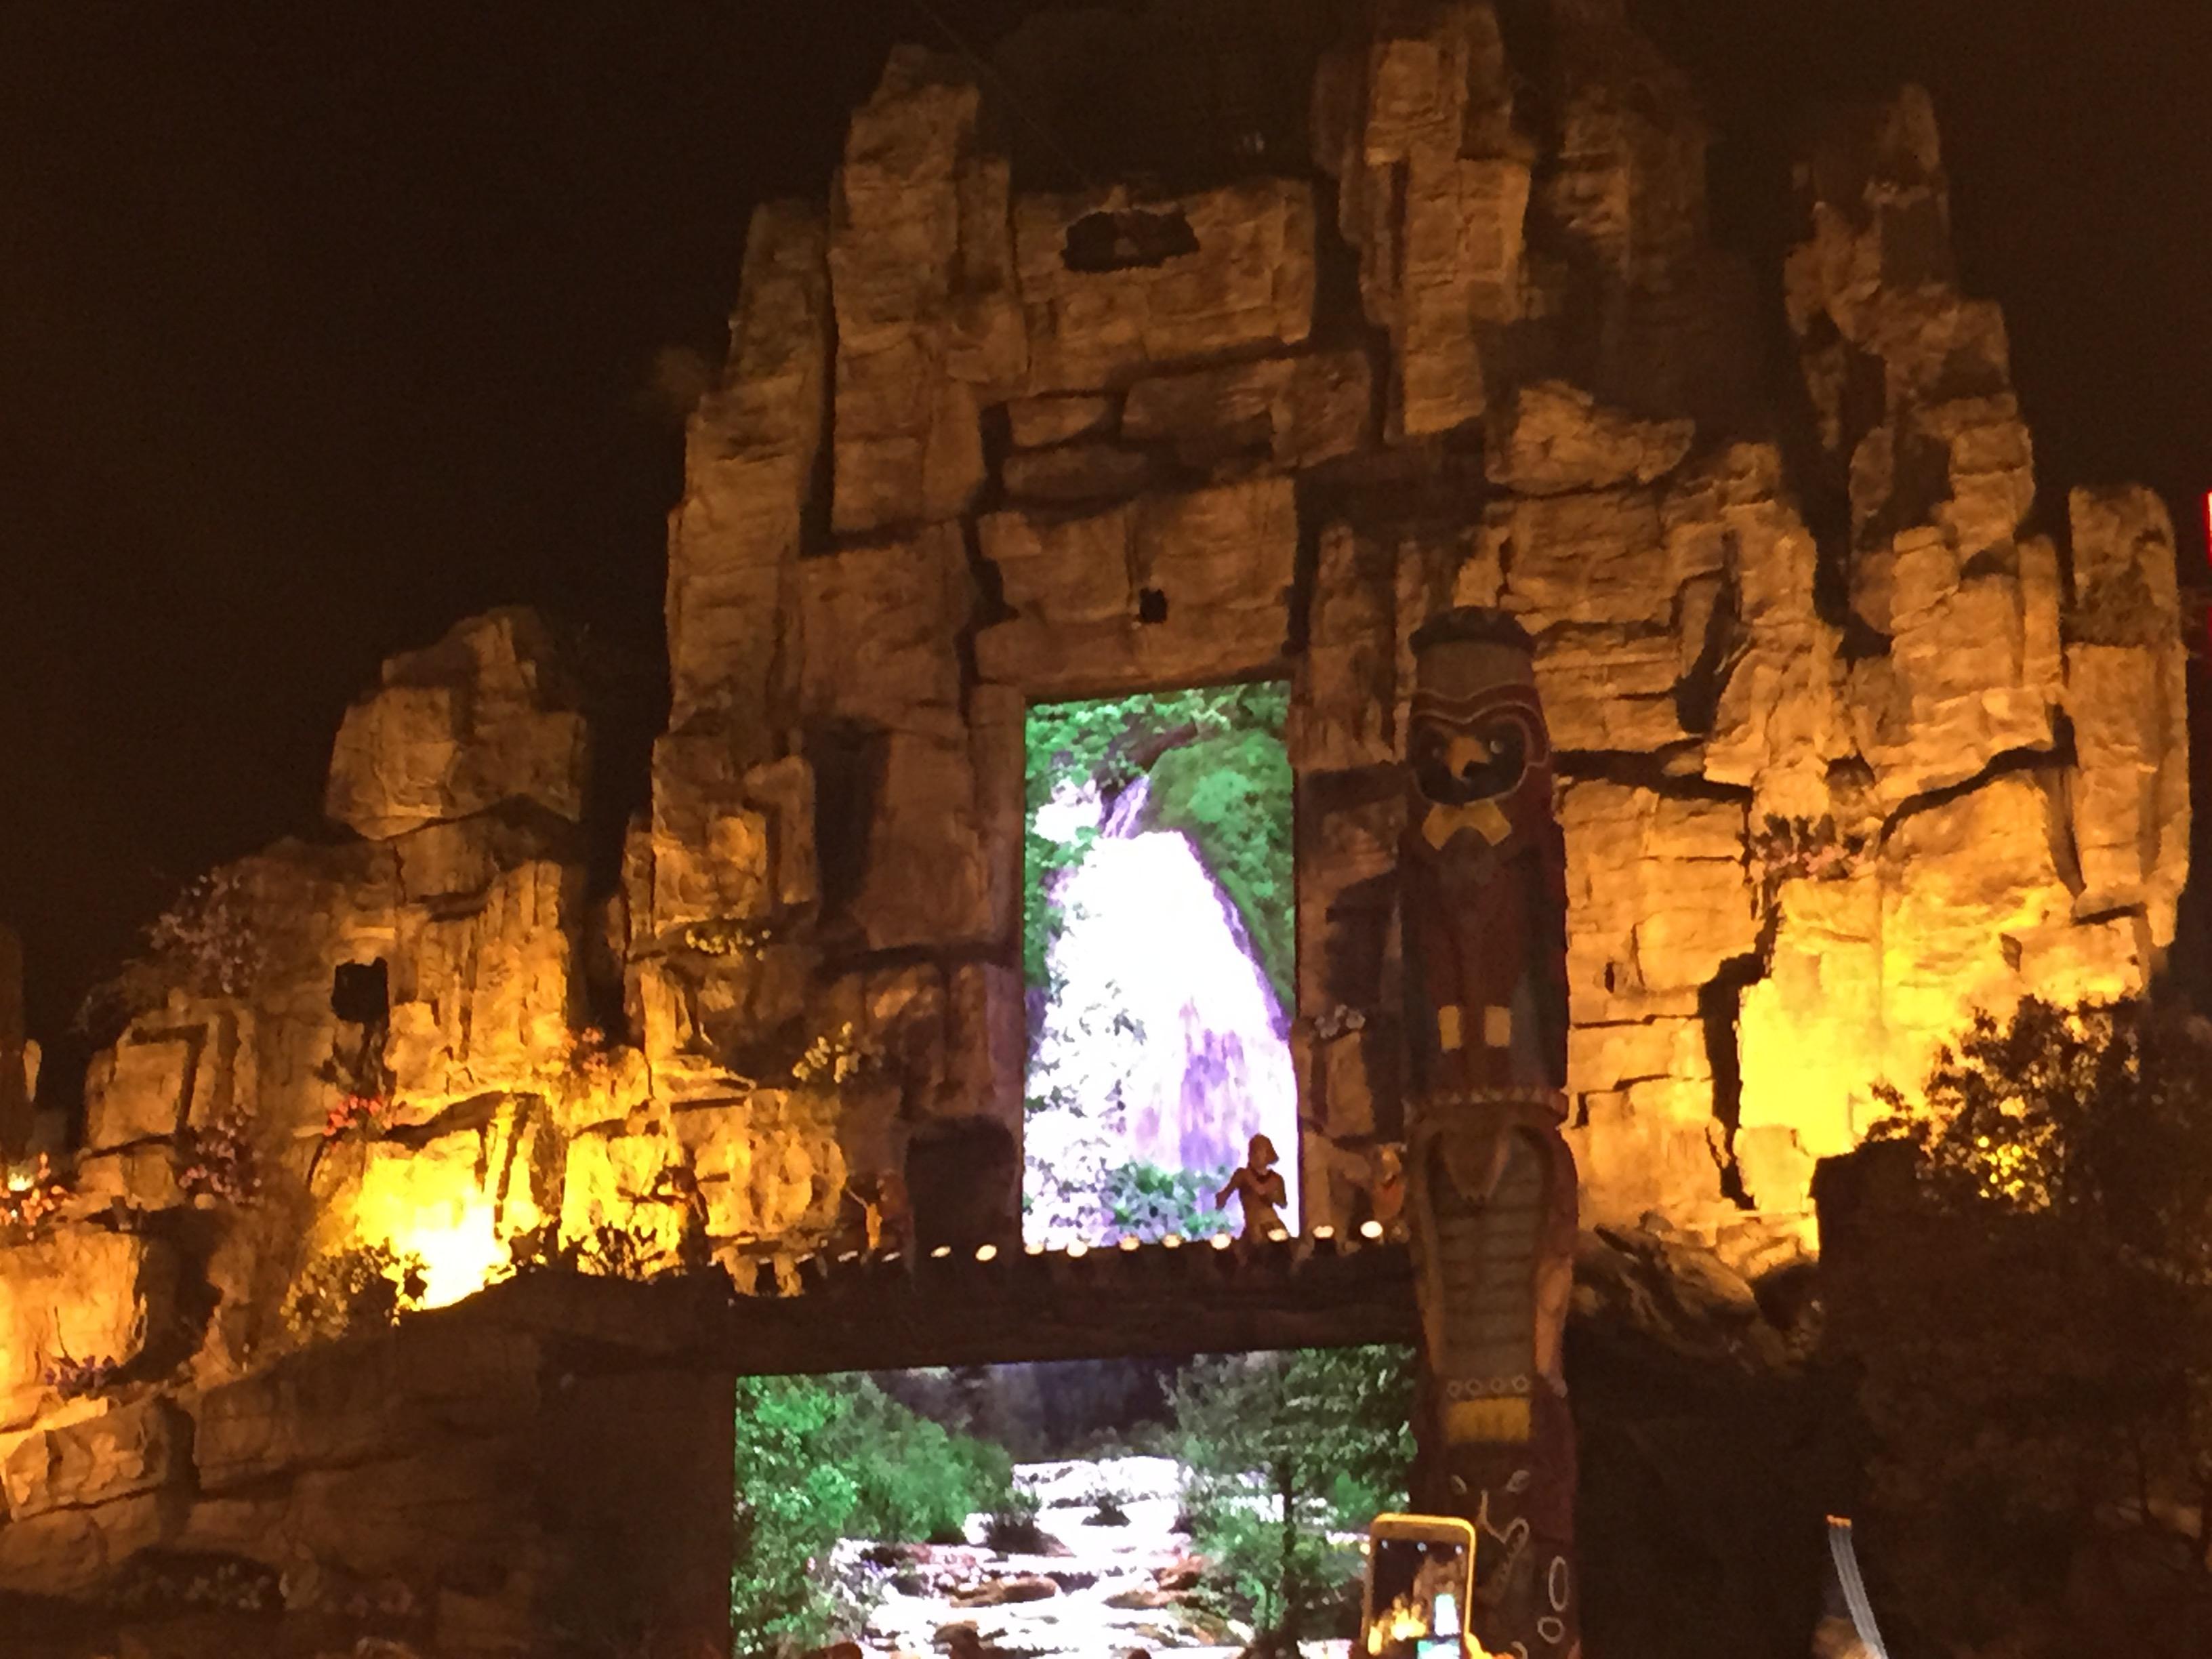 杭州景点门票 杭州宋城景区  【点评有奖第8季】聊斋的鬼屋带着两个